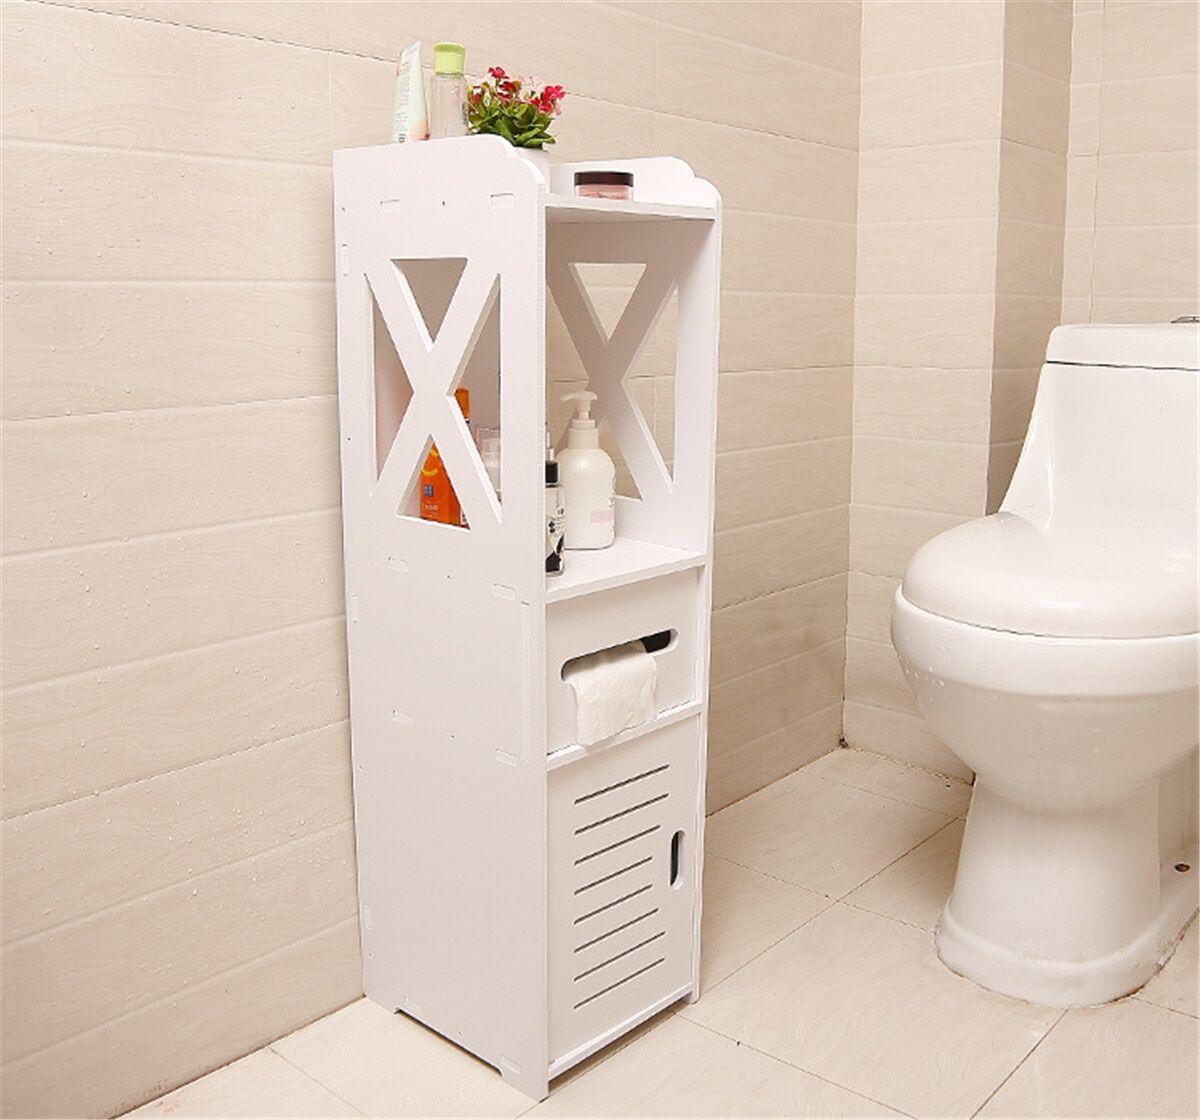 AliExpress Armoire de rangement étanche pour salle de bain, étagère de rangement au sol, organisateur debout